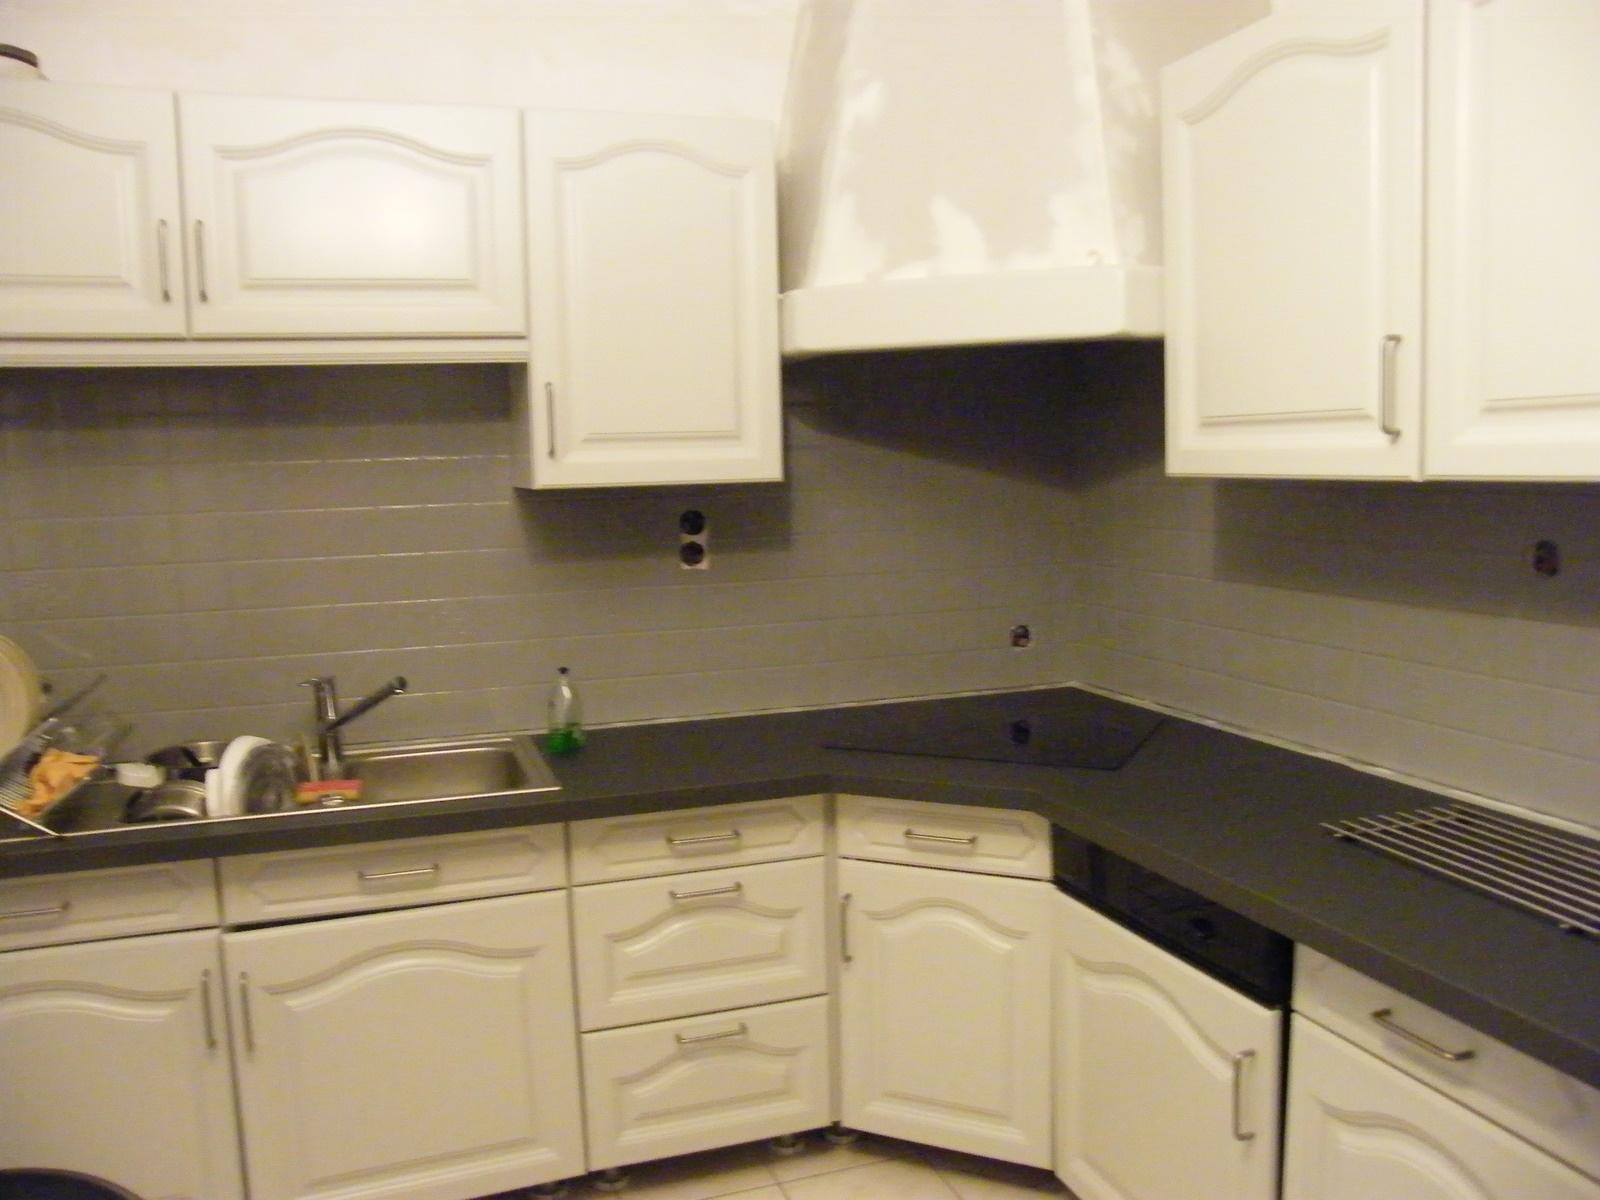 comment repeindre cuisine bois id es de travaux. Black Bedroom Furniture Sets. Home Design Ideas